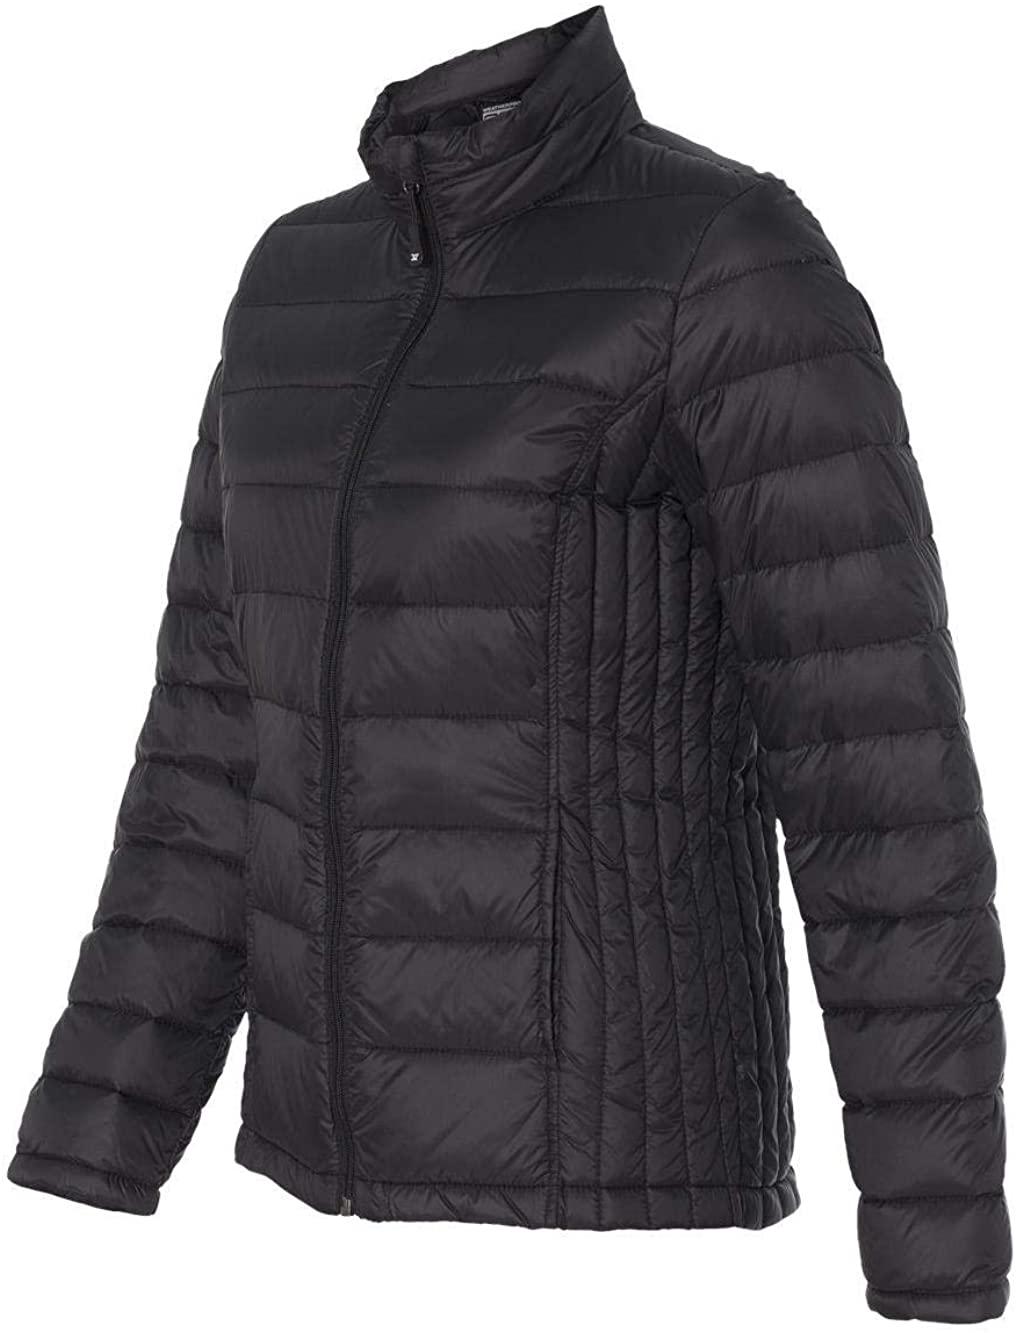 Weatherproof Ladies Packable Down Jacket. 15600W - XXX-Large - Black